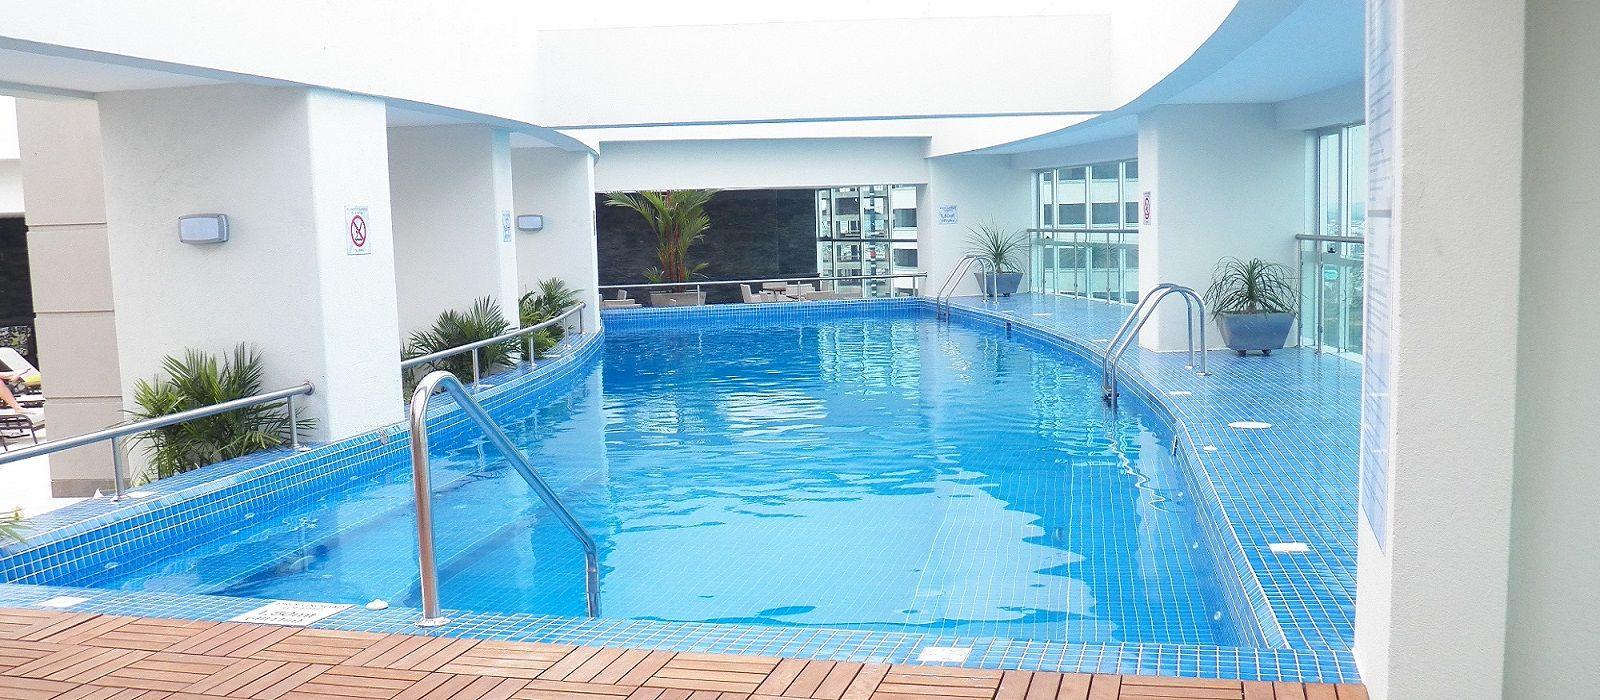 Hotel Wyndham Guayaquil Ecuador/Galapagos